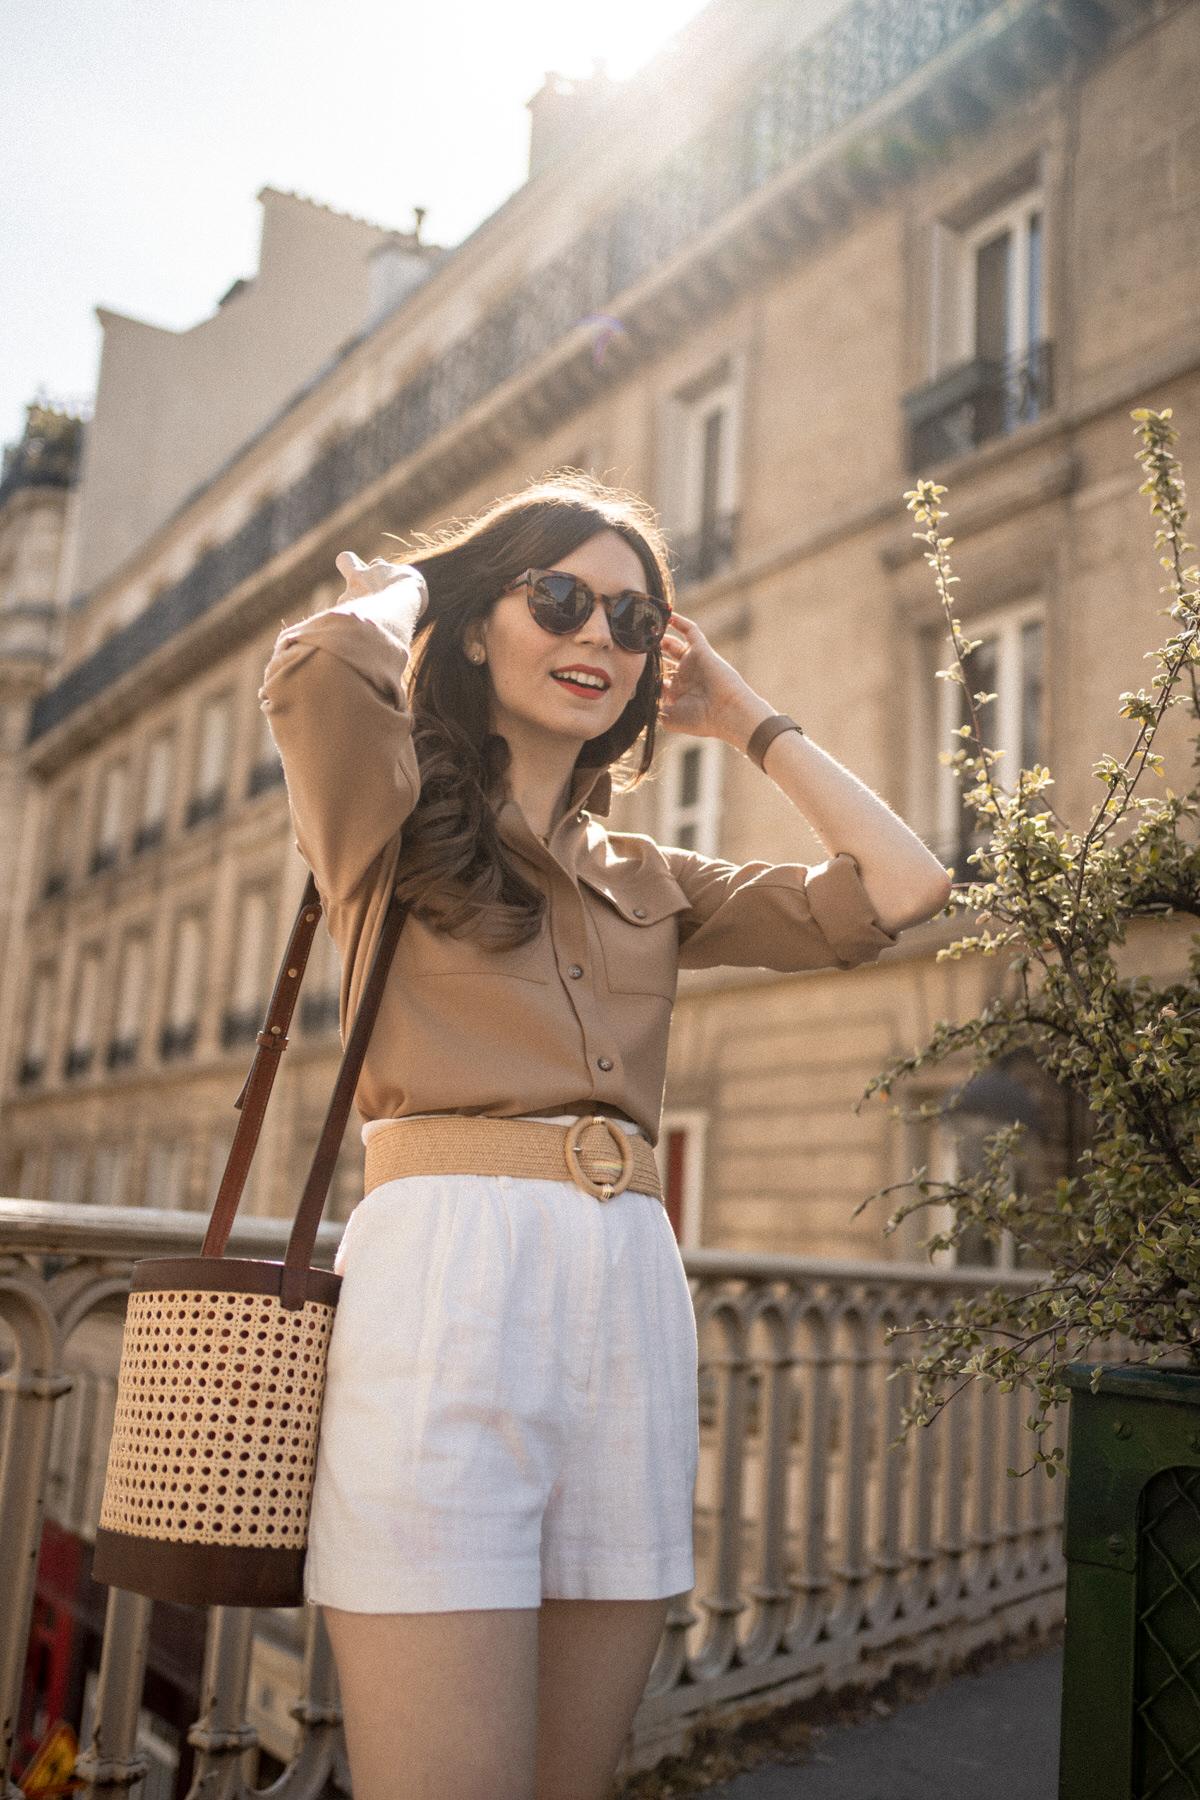 comment-porter-short-habillé-en-ville-6